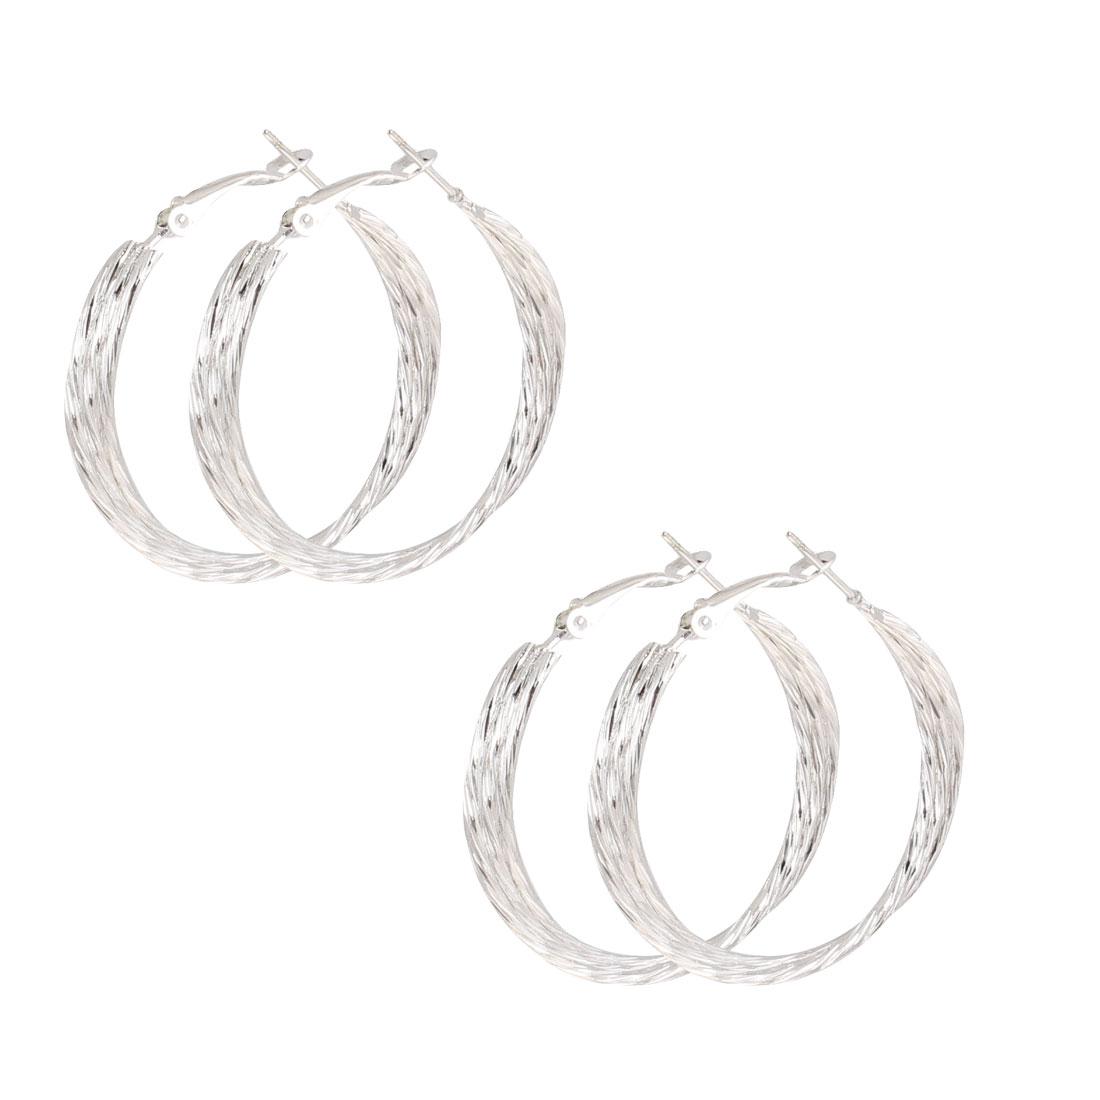 Lady 3.5cm Diameter Twisted Hoop Earrings Silver Tone 2 Pair